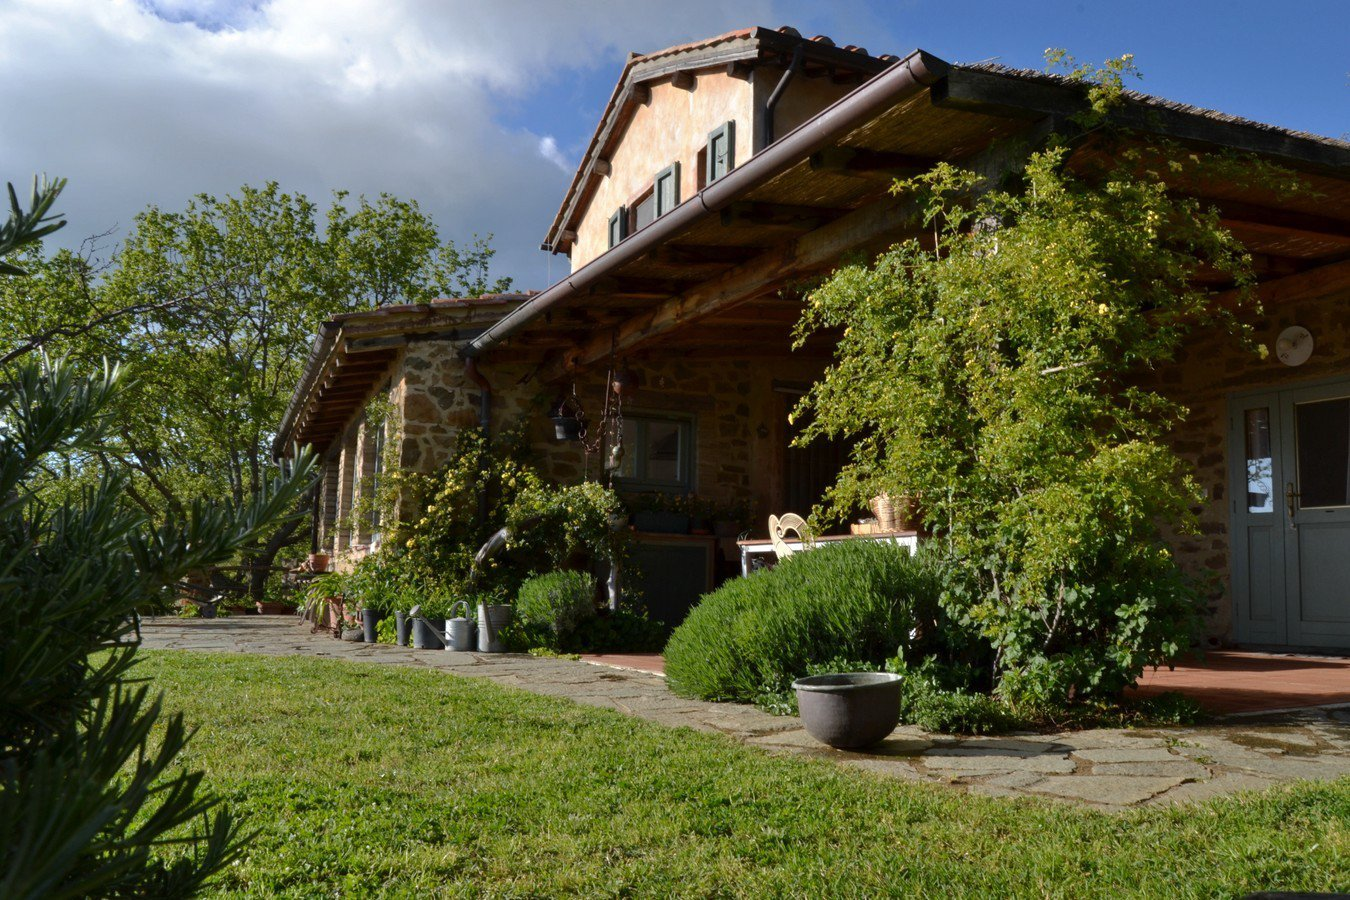 Un villa in pietra a due piani con un patio grande